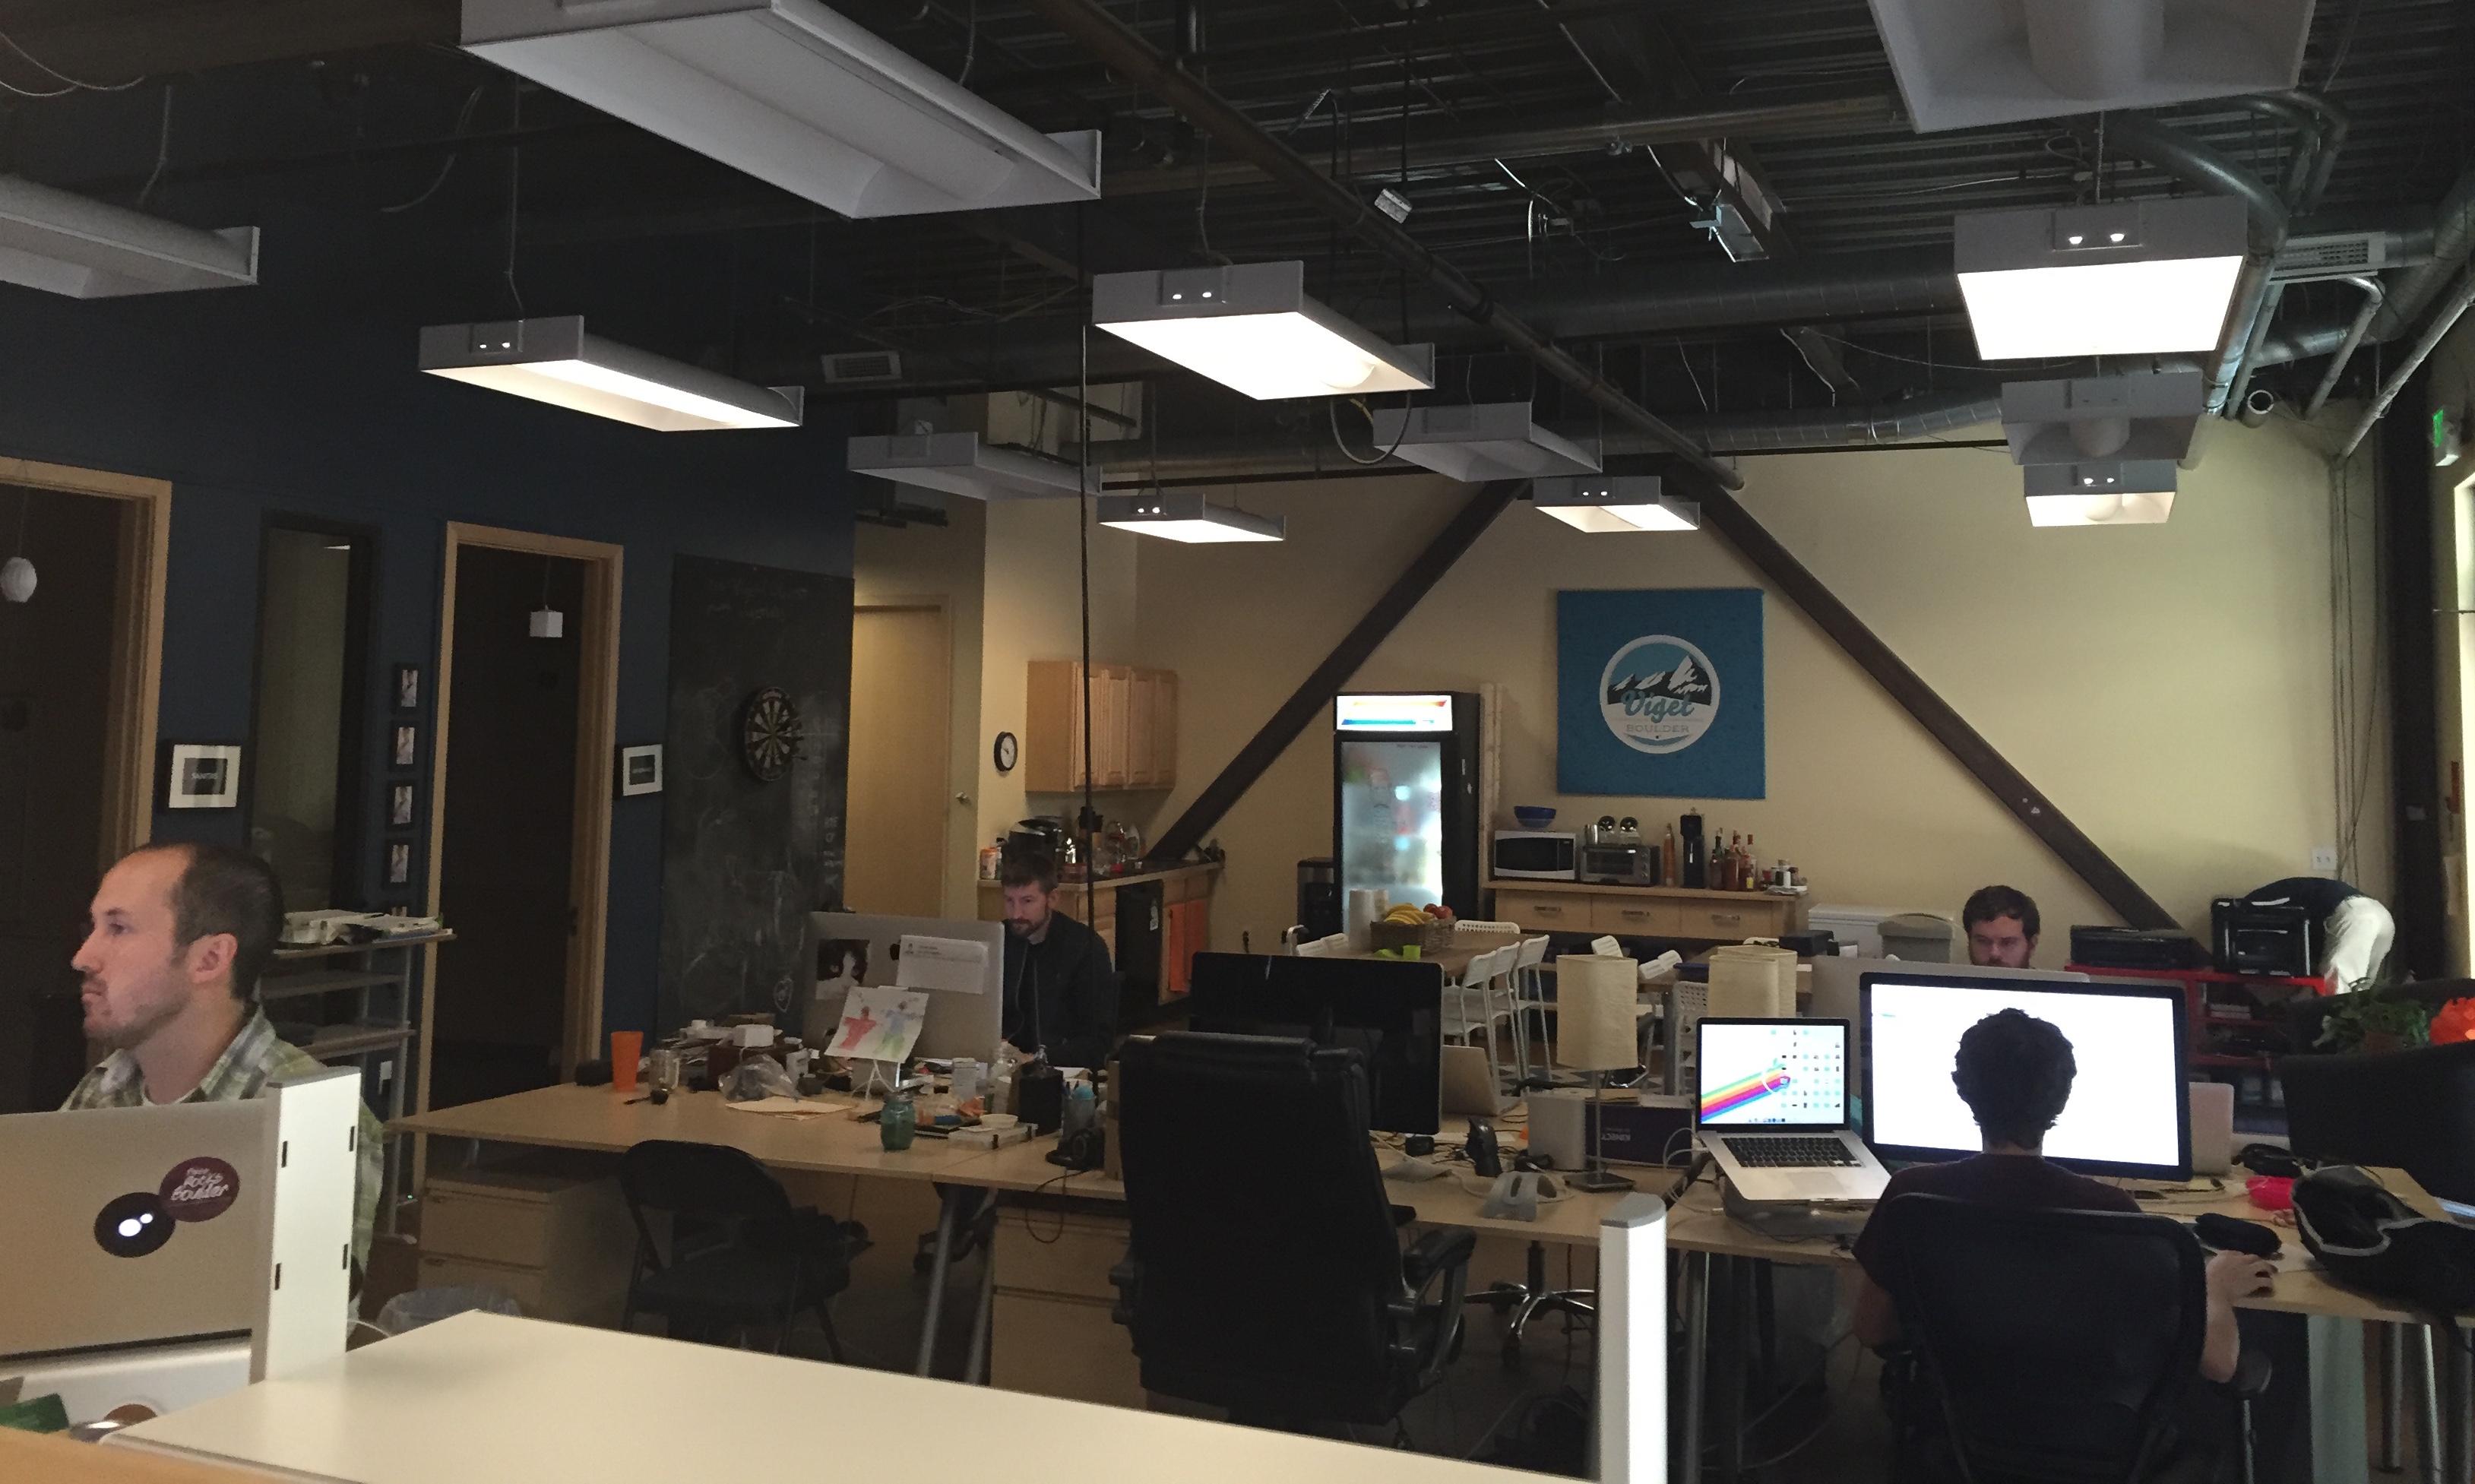 Viget's Boulder office